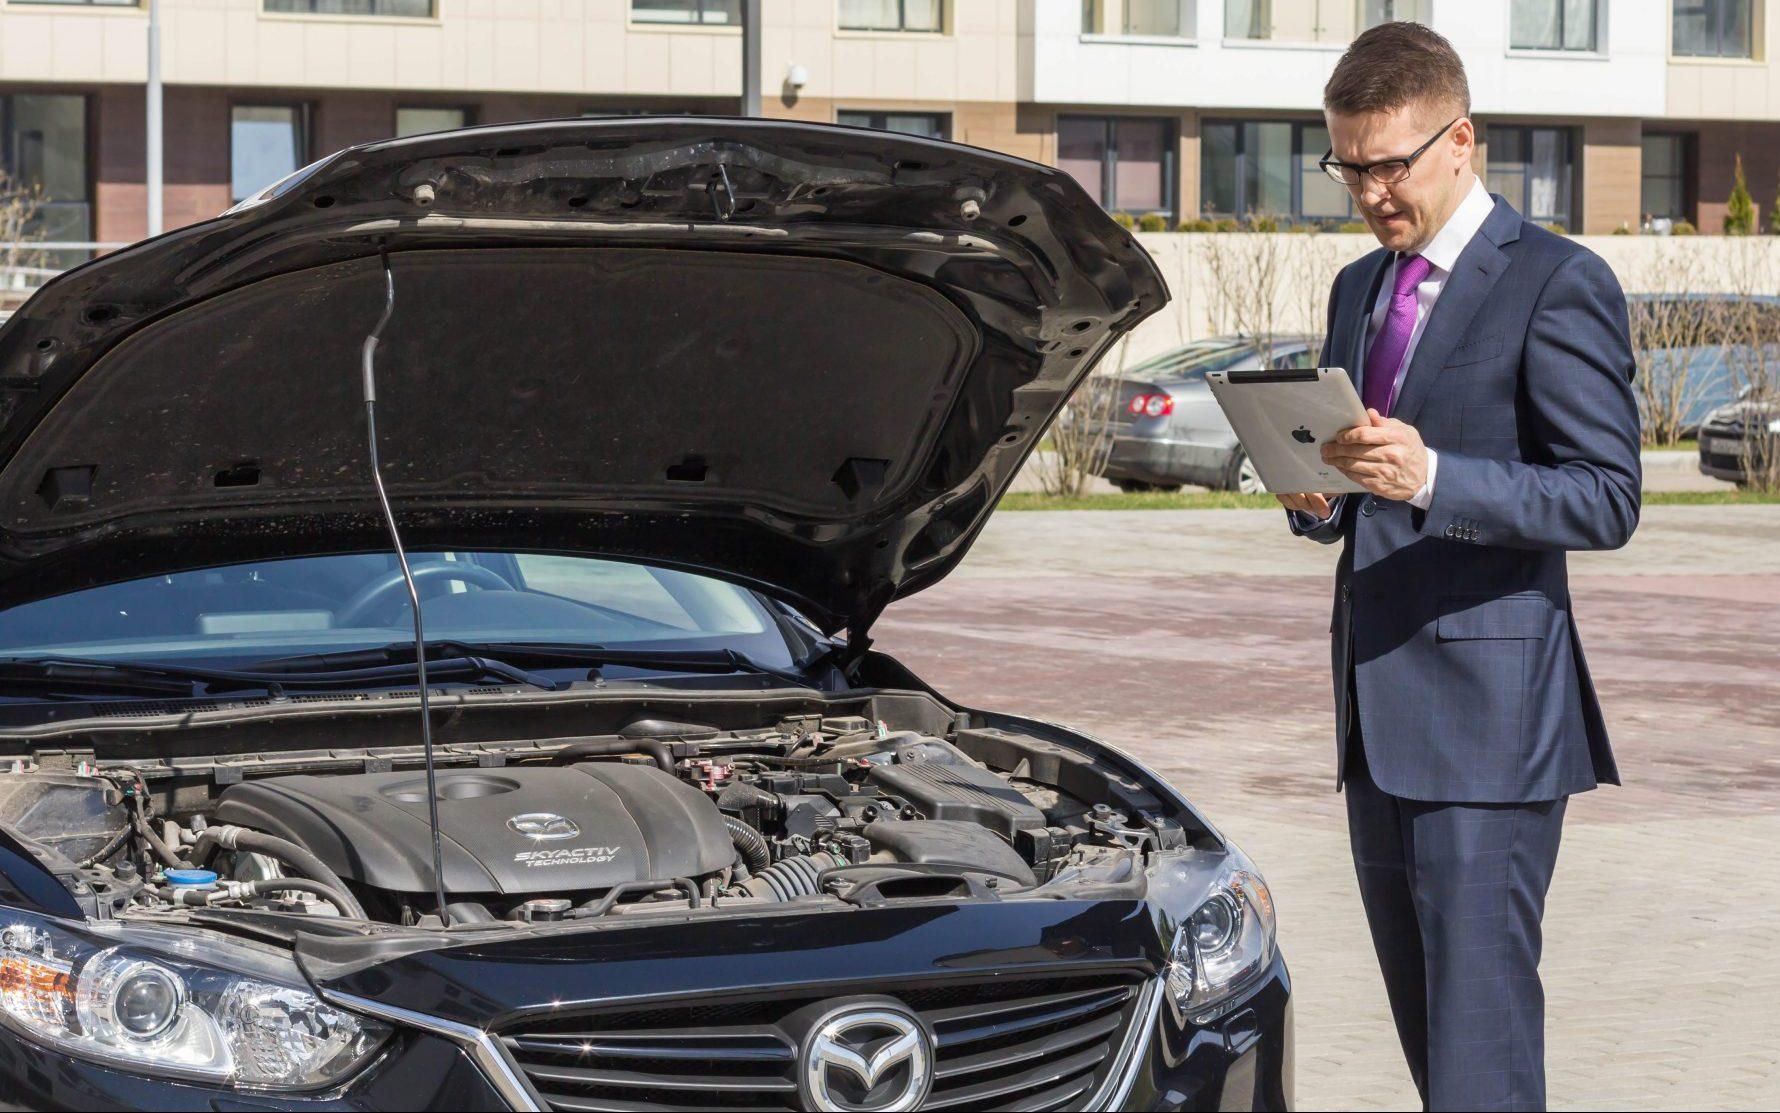 Помощь экспертов при покупке автомобиля